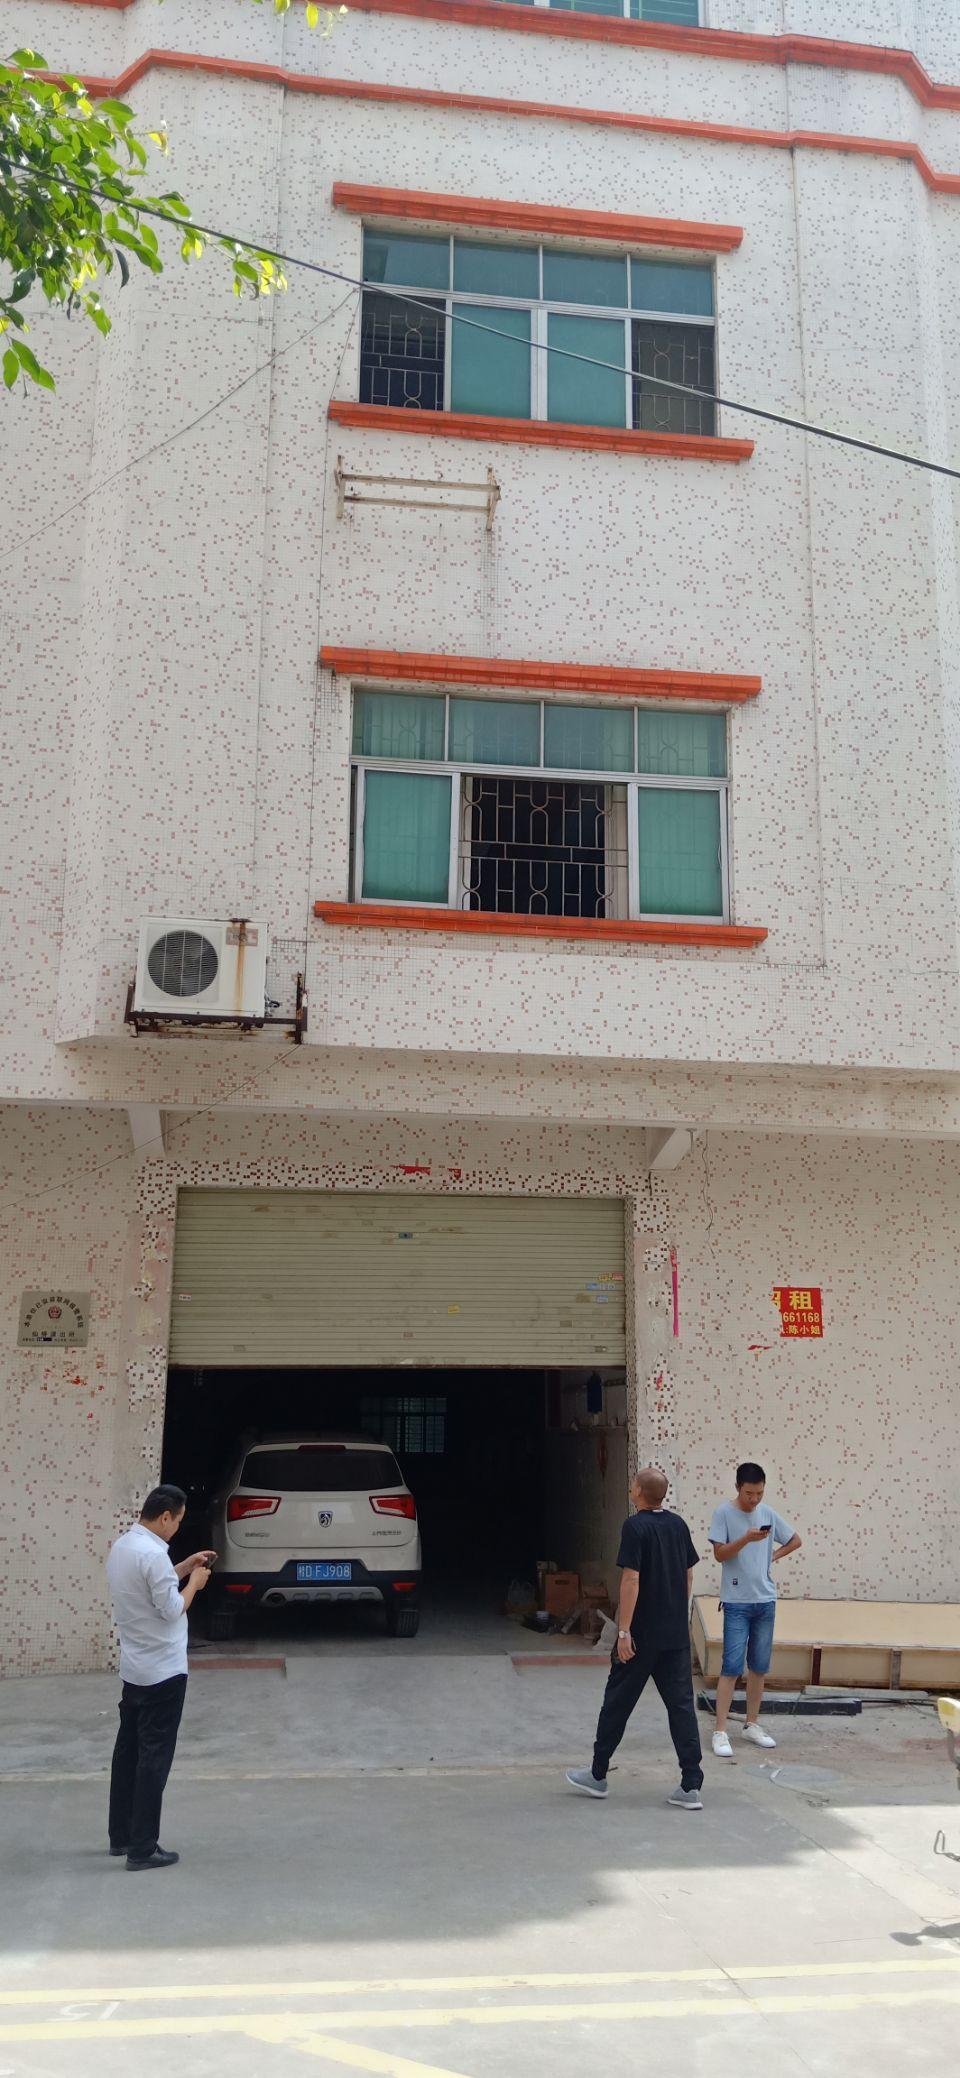 小工厂老板福音!厚街新出独栋厂房单层450平,一楼仅租15块